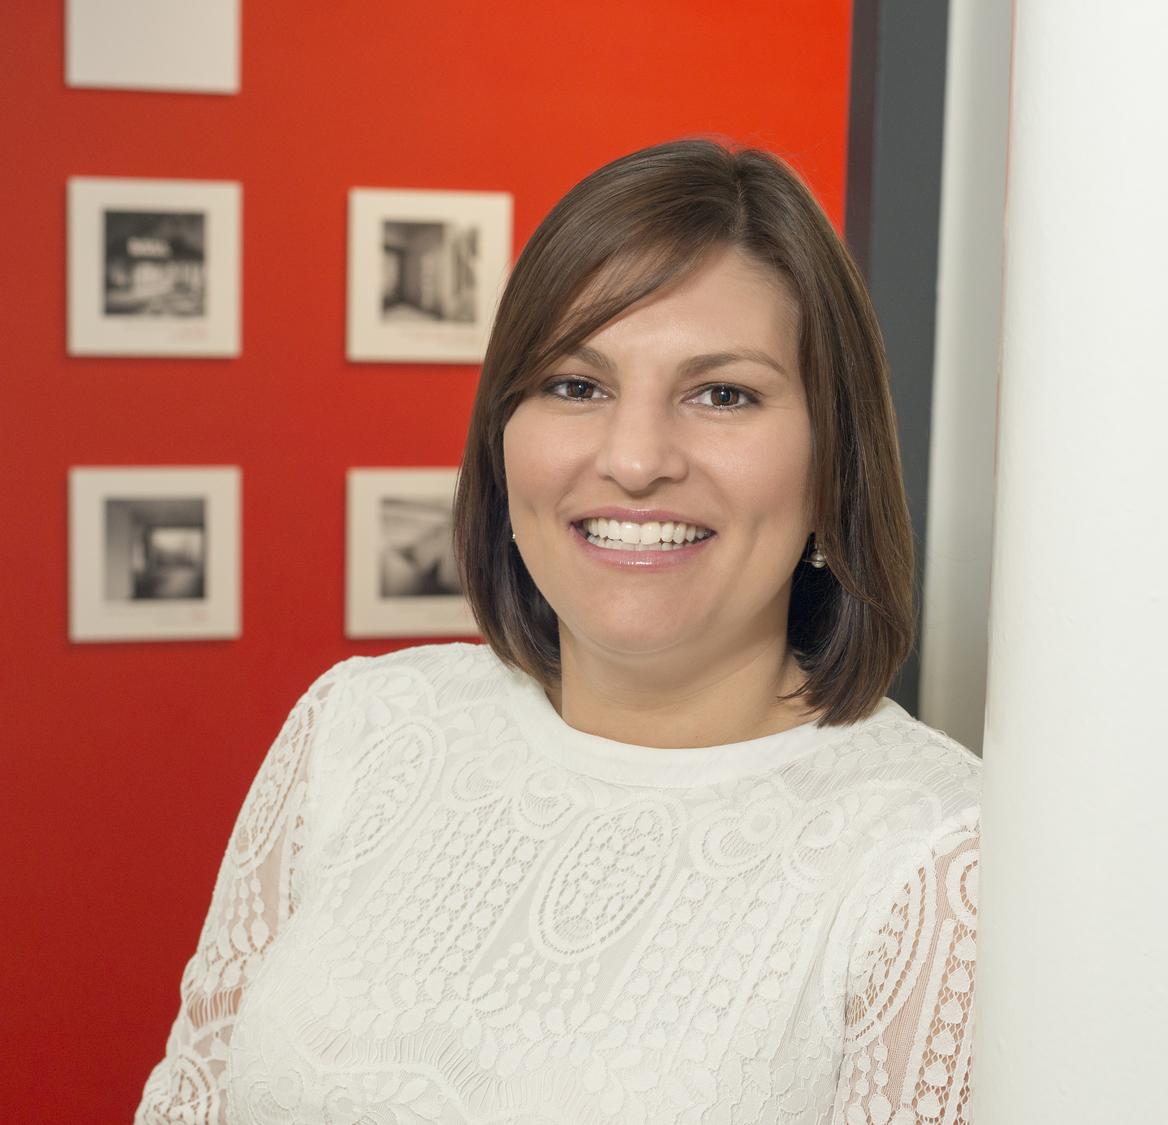 Sarah DeLucia Crook